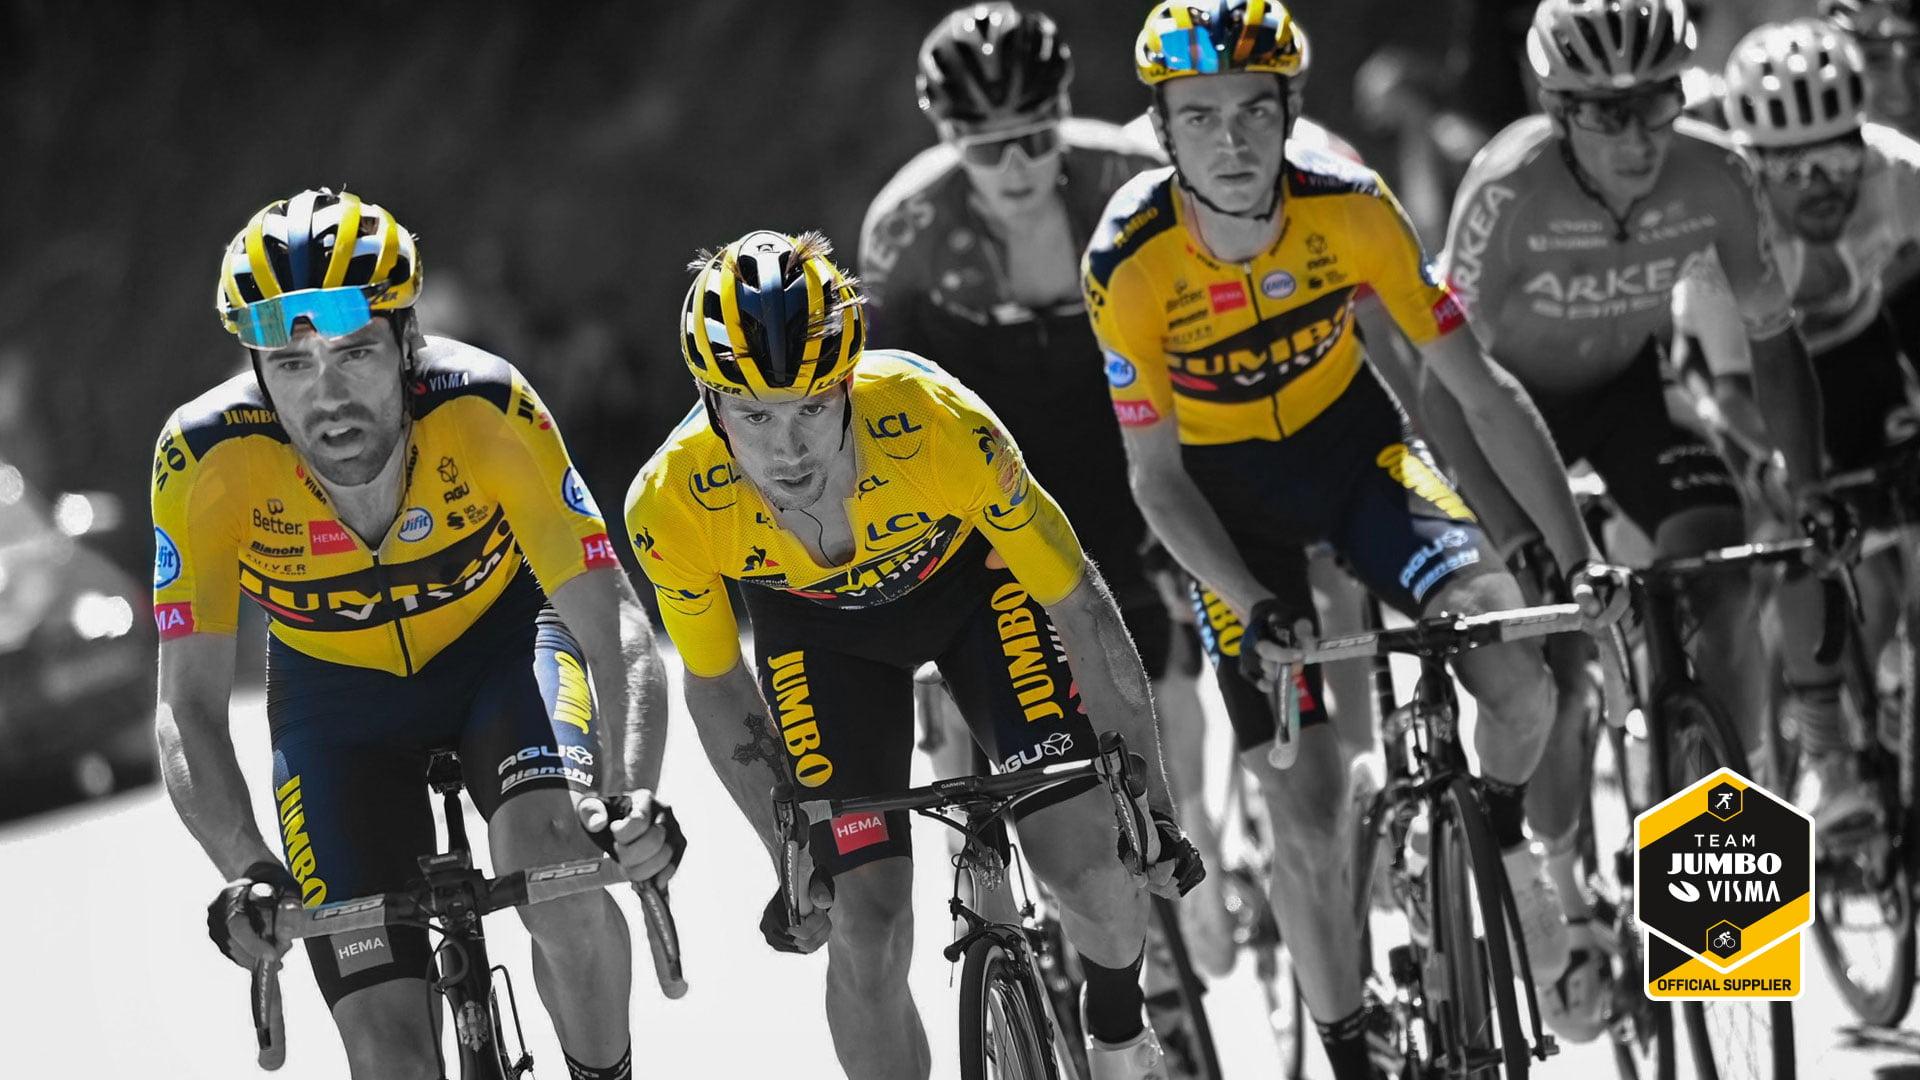 Team Jumbo Visma 3 Wielrennen Virtuoos